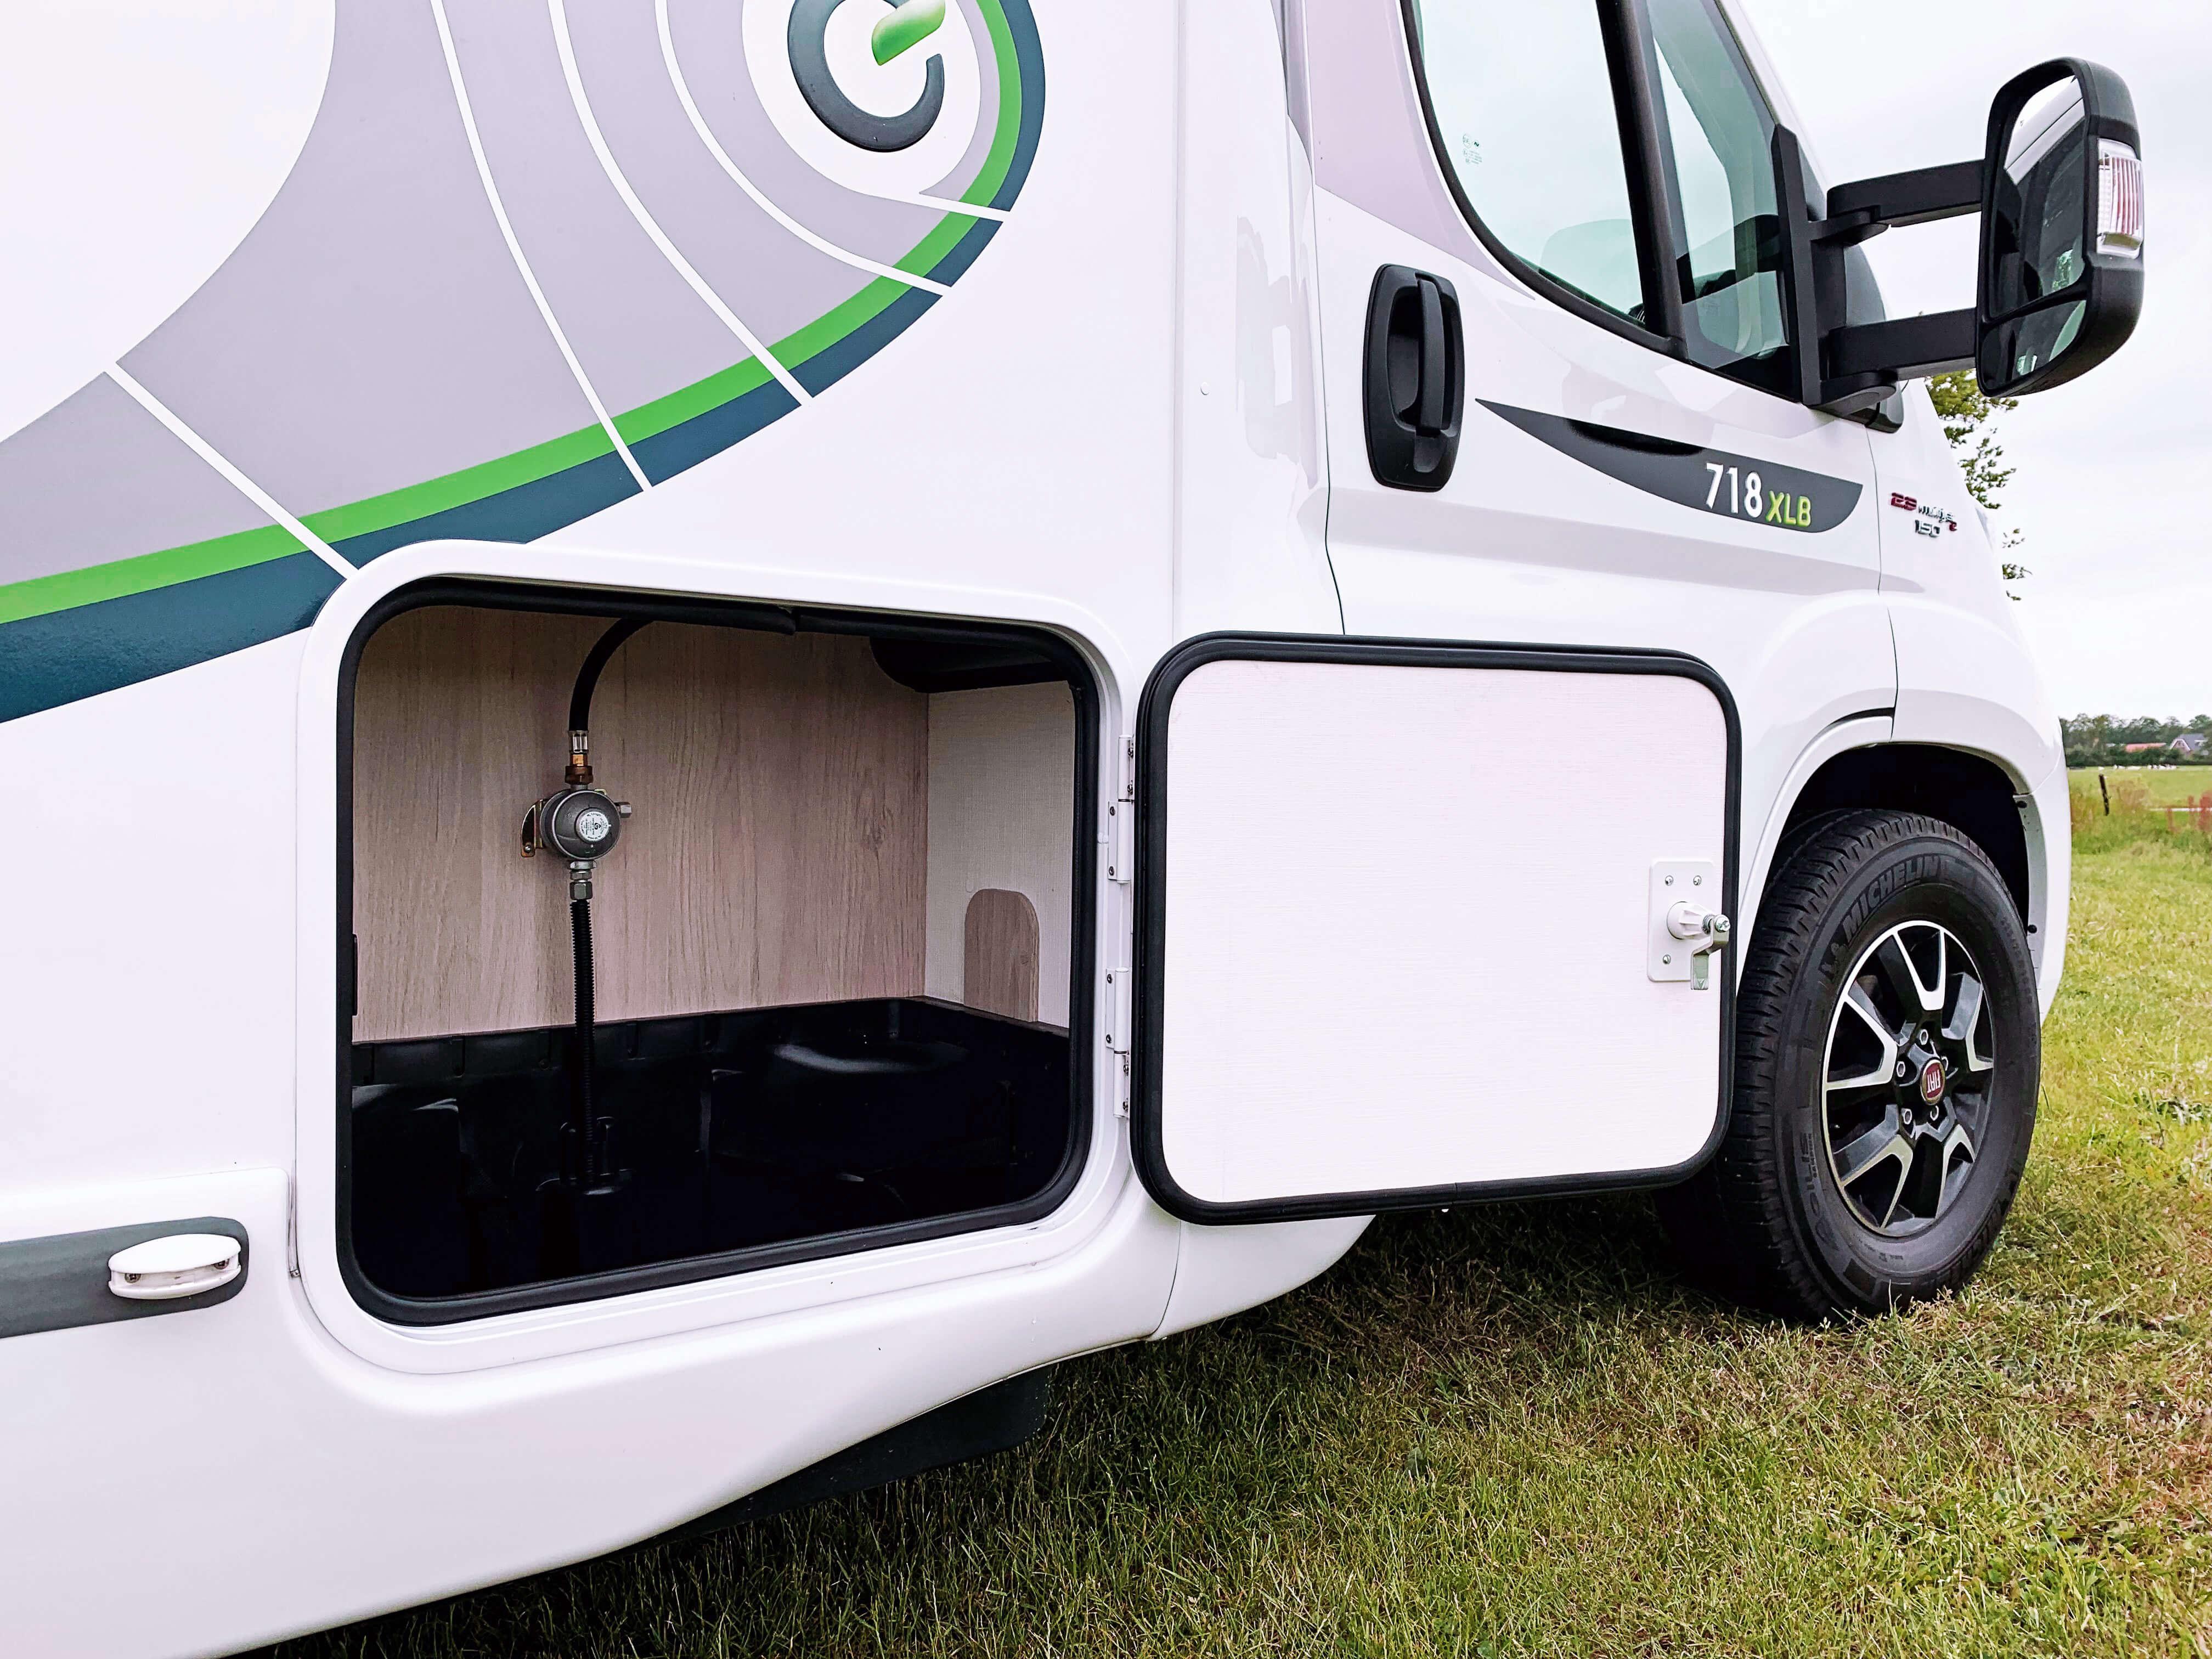 Gasberging Chausson 718 XLB VIP te koop bij Campers Noord